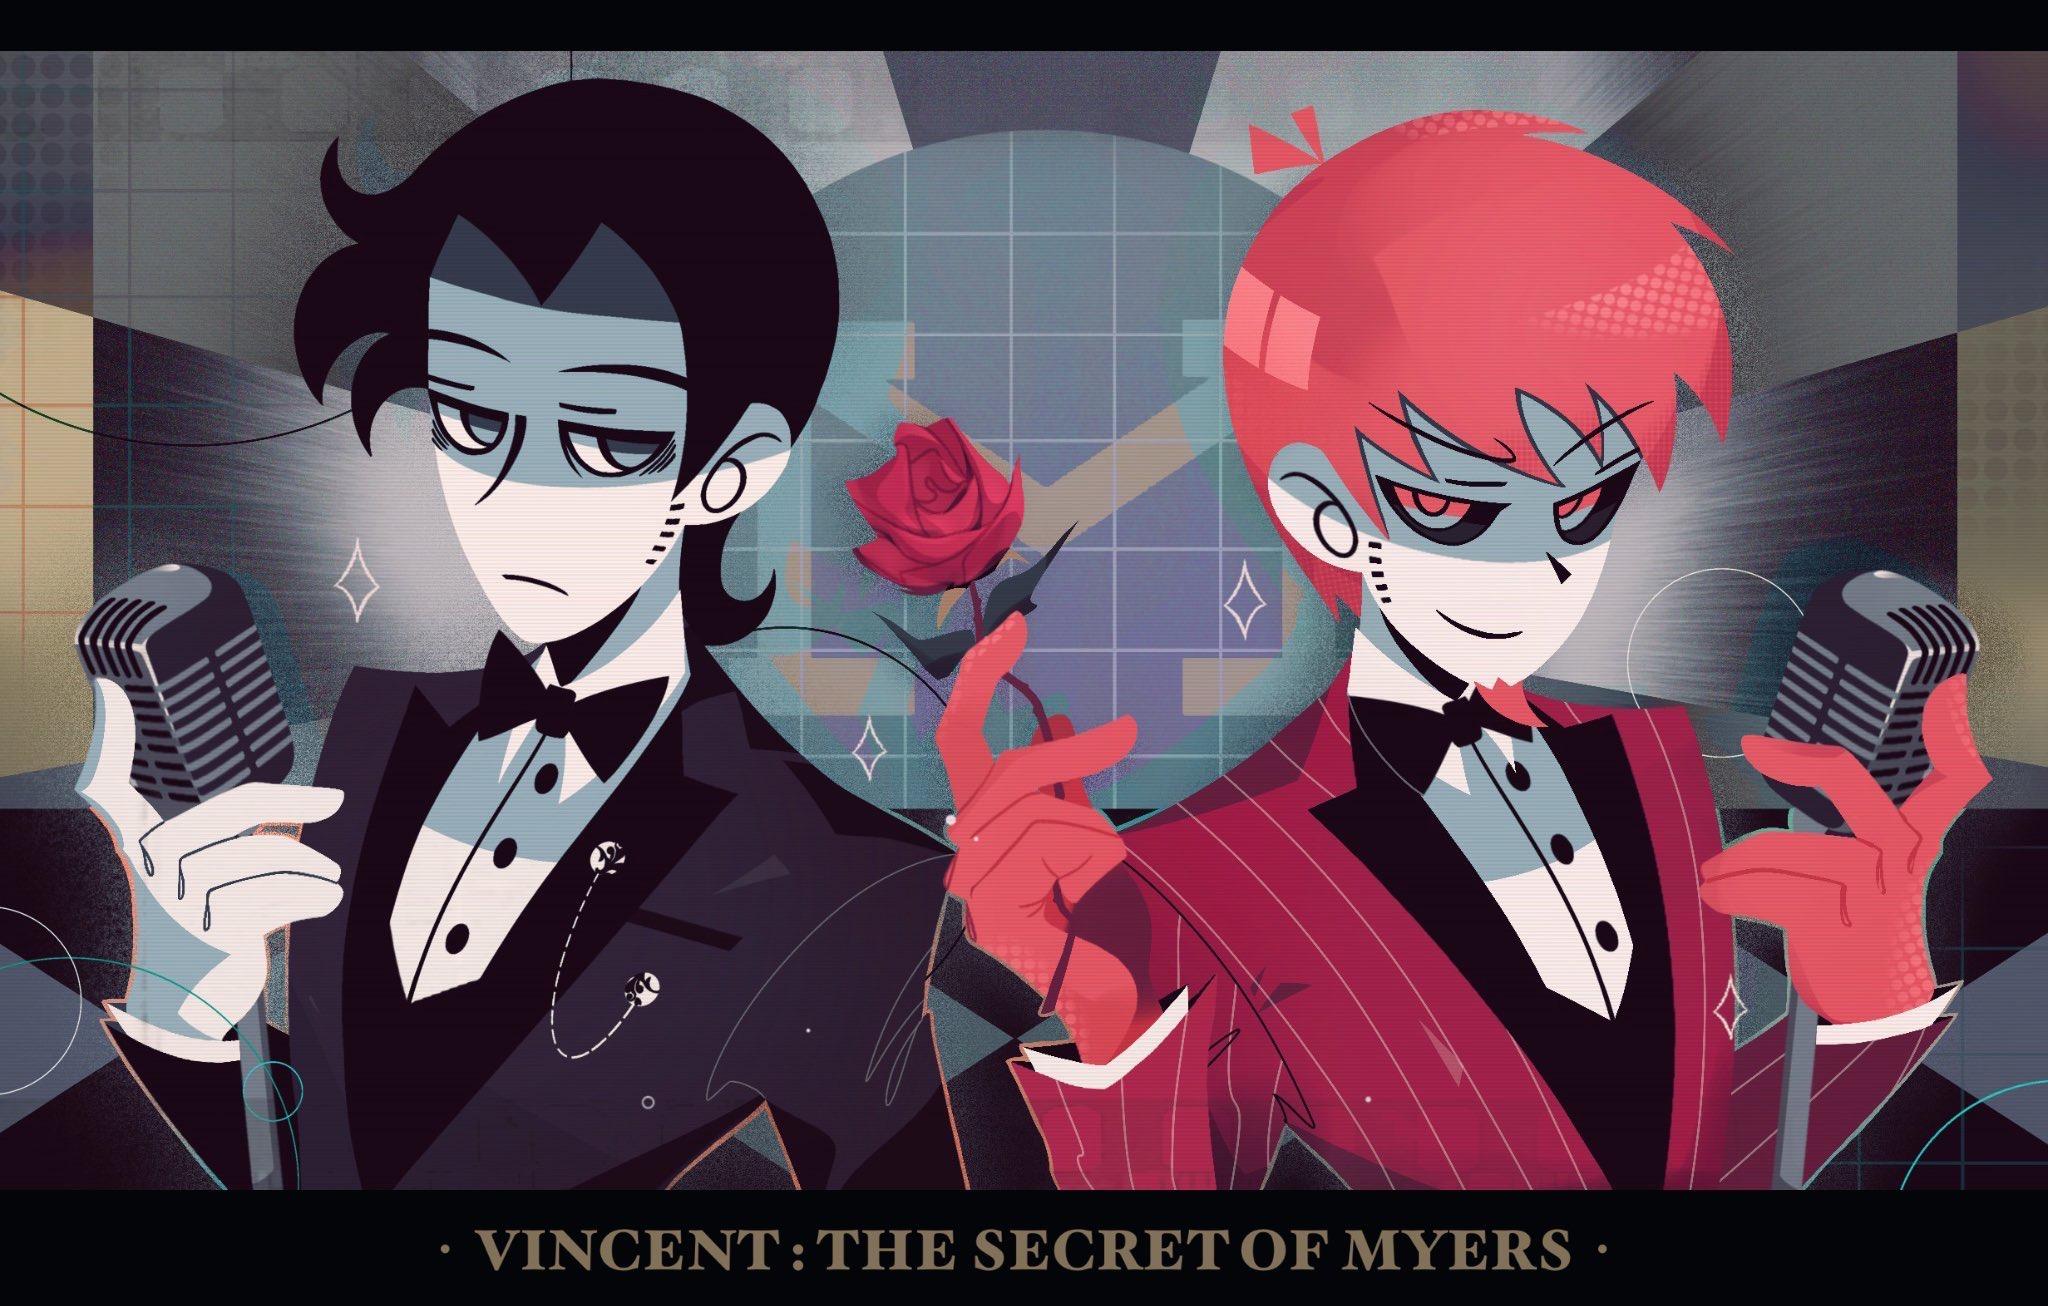 Vincent: The Secret of Myers | 文森:梅尔斯的秘密